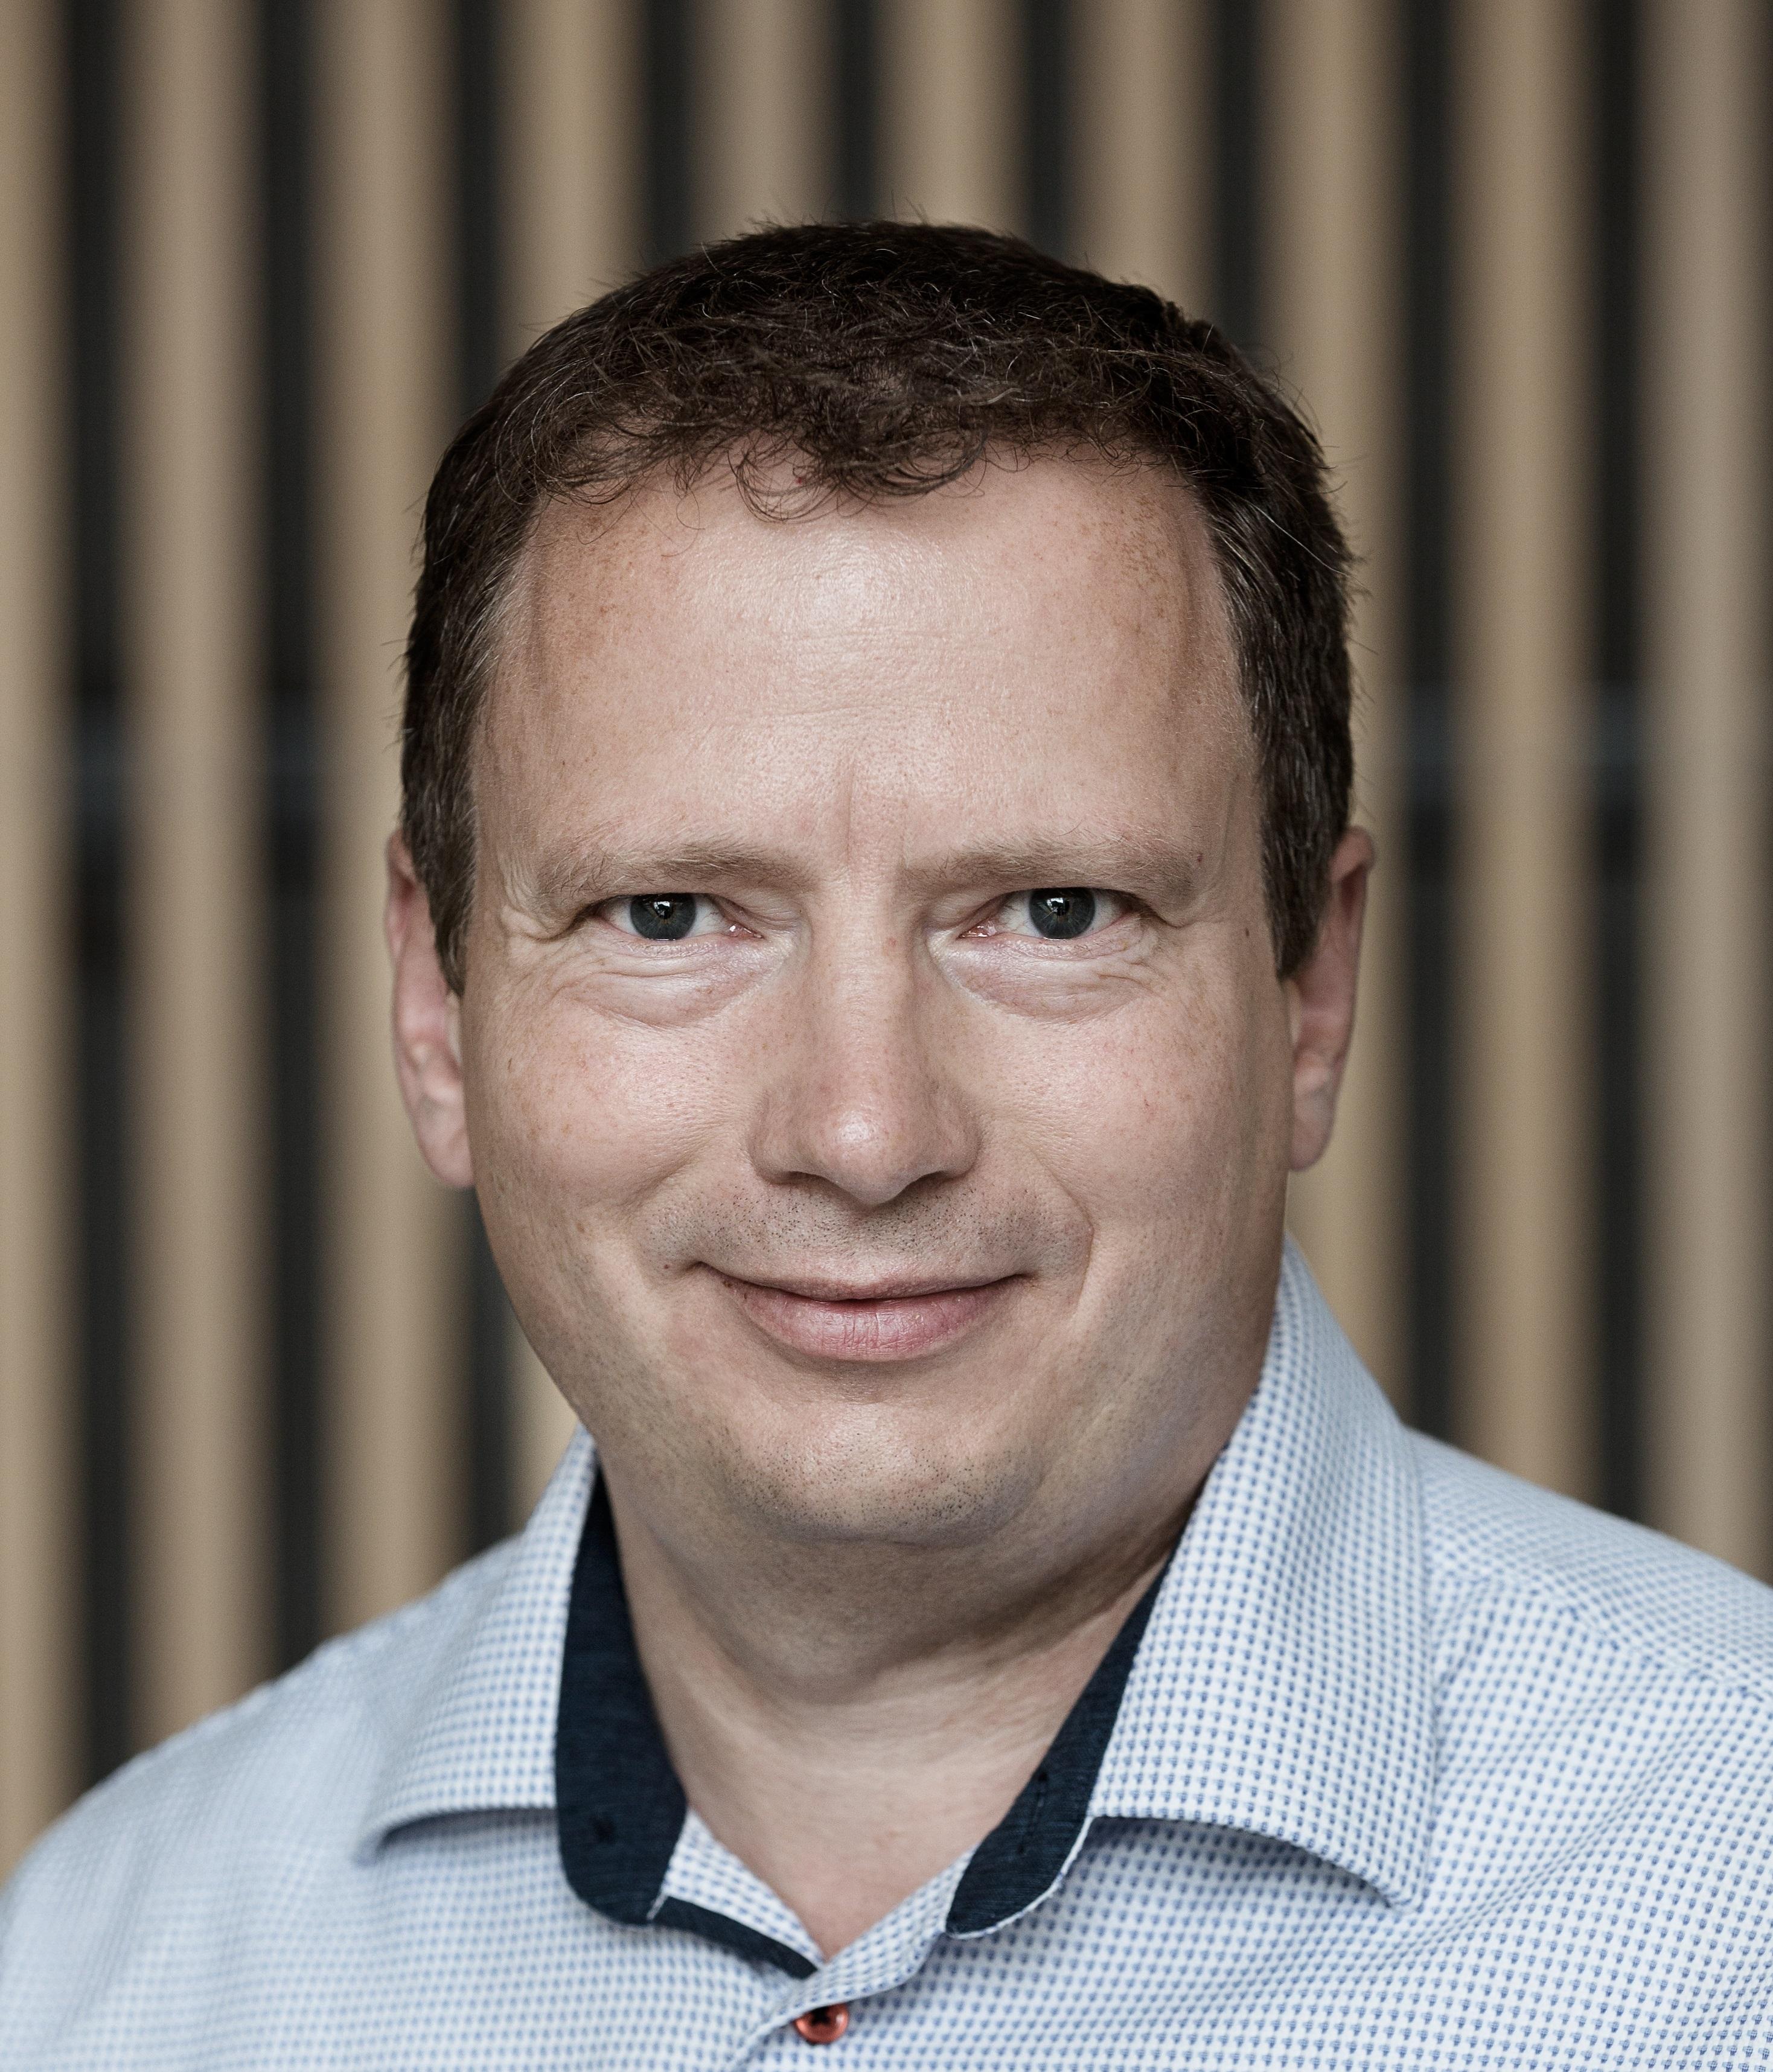 Frank Nygaard